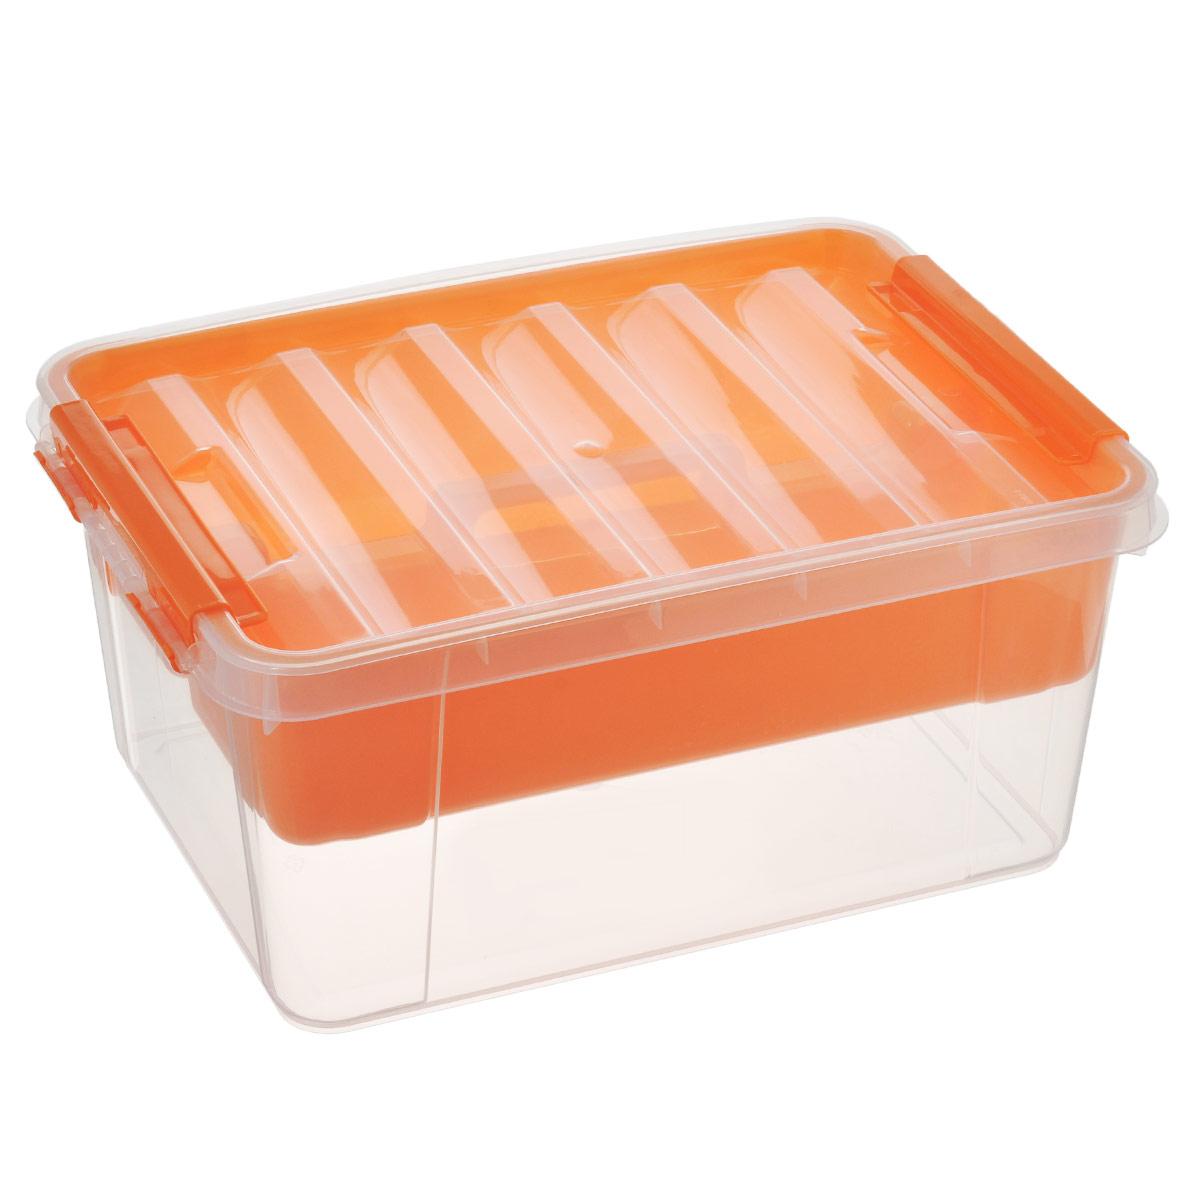 Ящик Полимербыт Профи, с вкладышем, цвет: оранжевый, 15 л10503Вместительный ящик Полимербыт Профи выполнен из прозрачного пластика и предназначен для хранения различных предметов. Ящик оснащен удобной крышкой с рельефной поверхностью. Внутри ящика имеется съемный вкладыш с двумя глубокими секциями. Контейнер снабжен двумя пластиковыми фиксаторами по бокам, придающими дополнительную надежность закрывания крышки. Вместительный контейнер позволит сохранить различные нужные вещи в порядке, а герметичная крышка предотвратит случайное открывание, защитит содержимое от пыли и грязи.Размер внутренних секций: 36,5 см х 12,5 см х 9 см.Объем: 15 л.